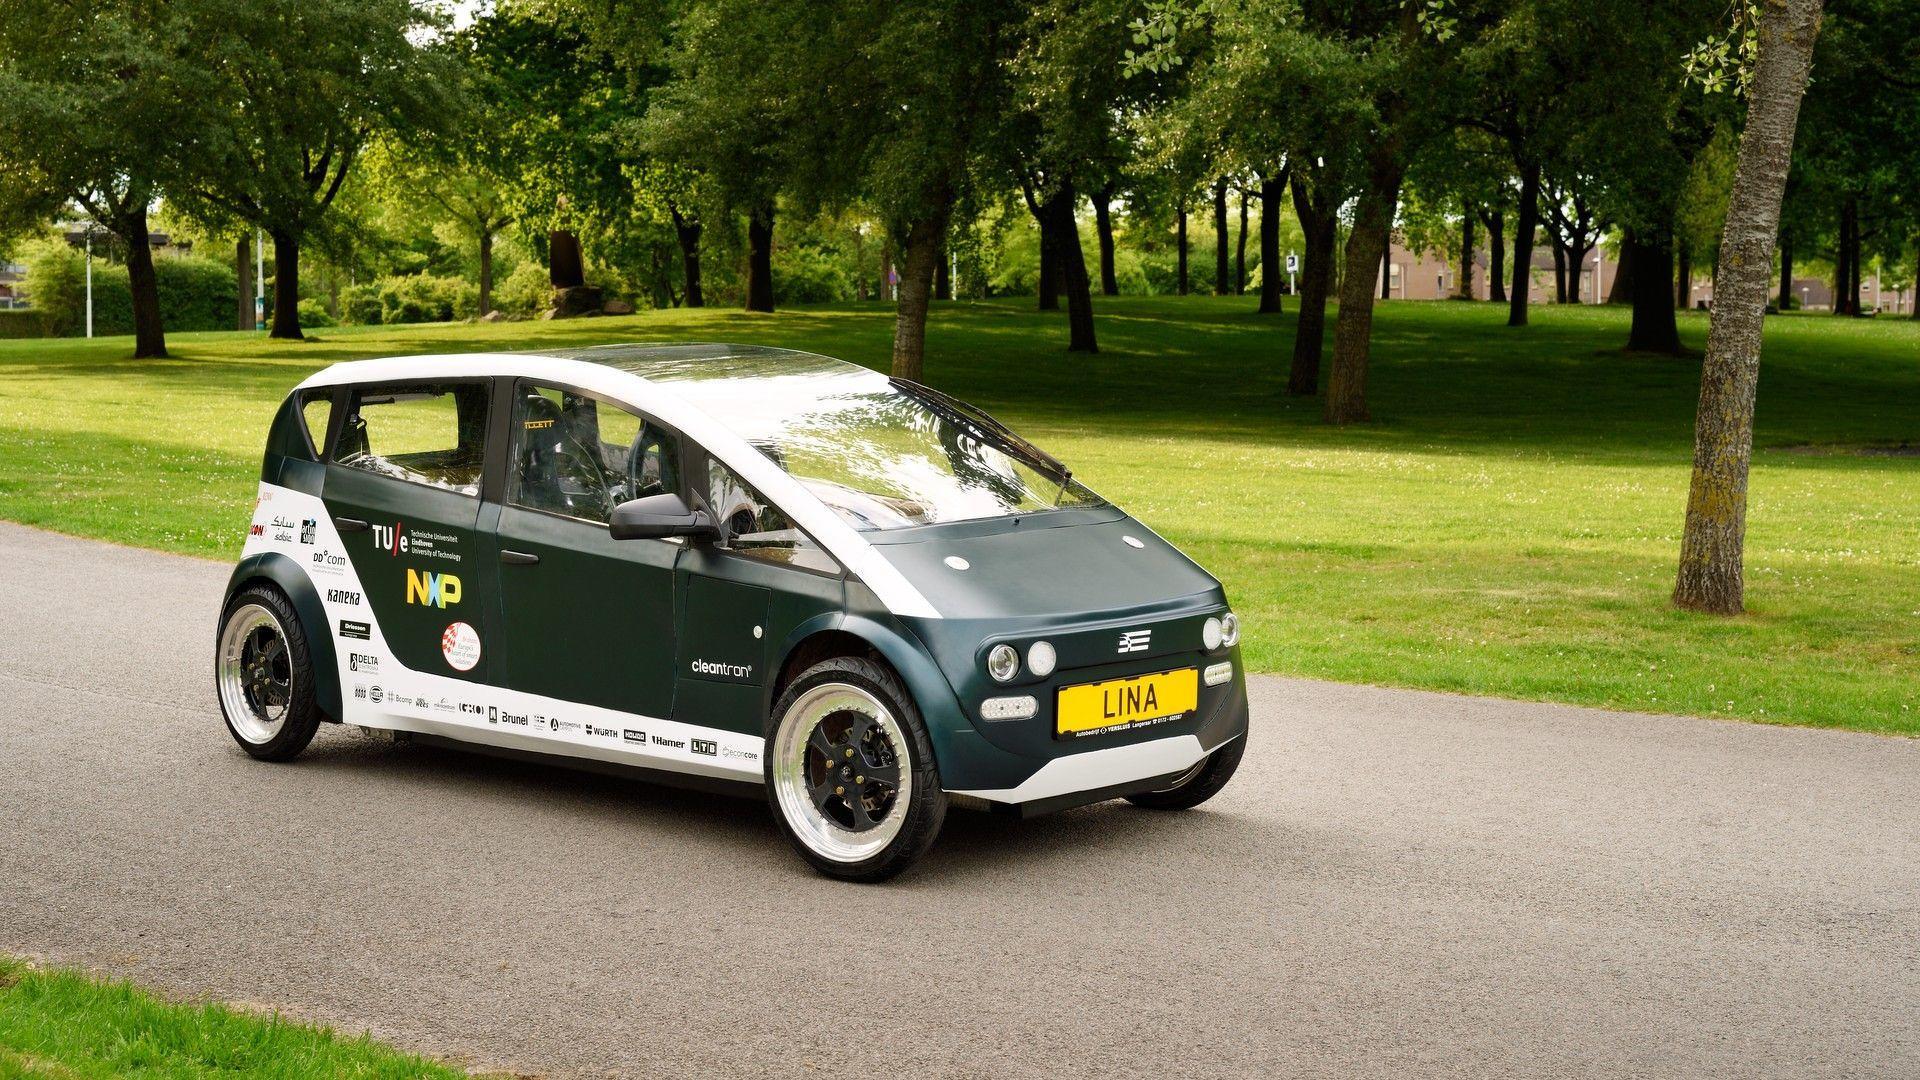 lina-bio-composite-car (14)